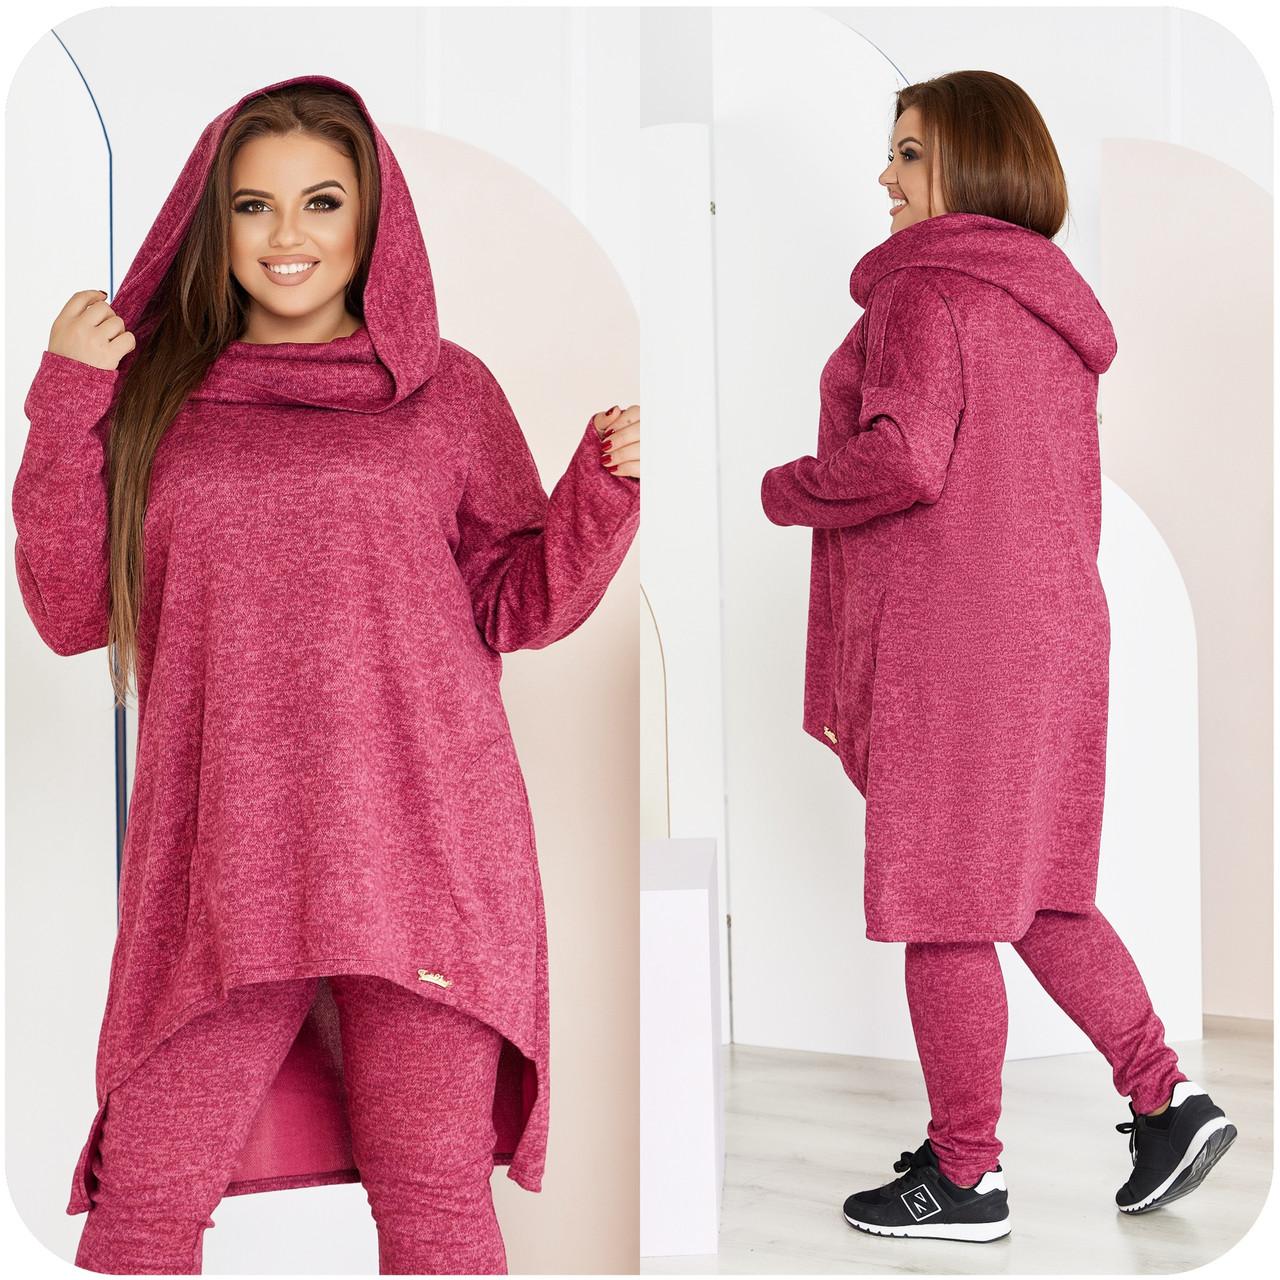 Невероятно стильный и удобный костюм - туника и штаны, разные цвета р.48-50,52-54,56-58,60-62,64-66 Код 3396Ф